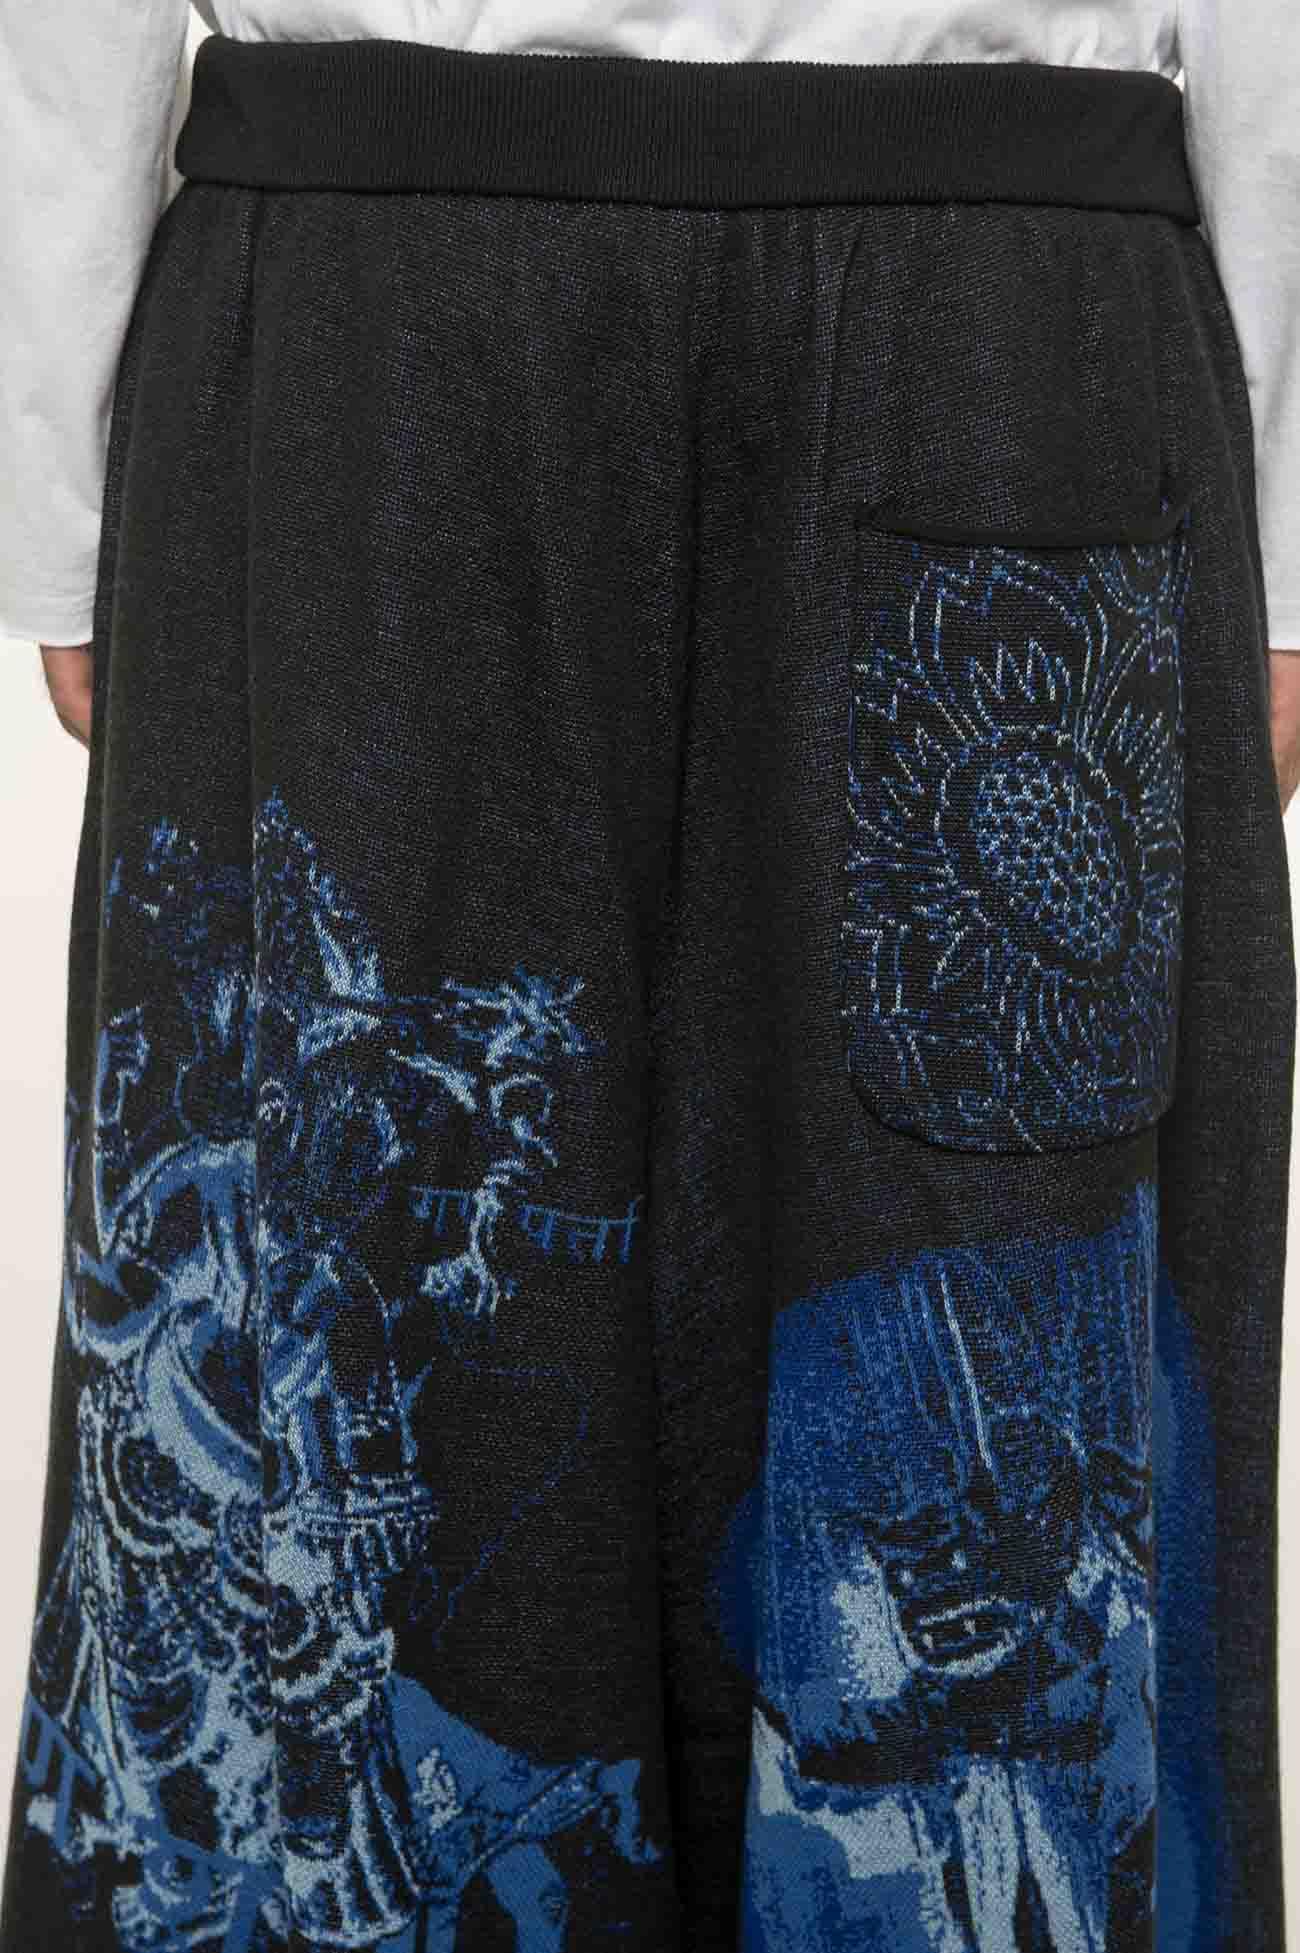 Hameauze Jacquard Blue Graphic Omnibus Culottes Pants